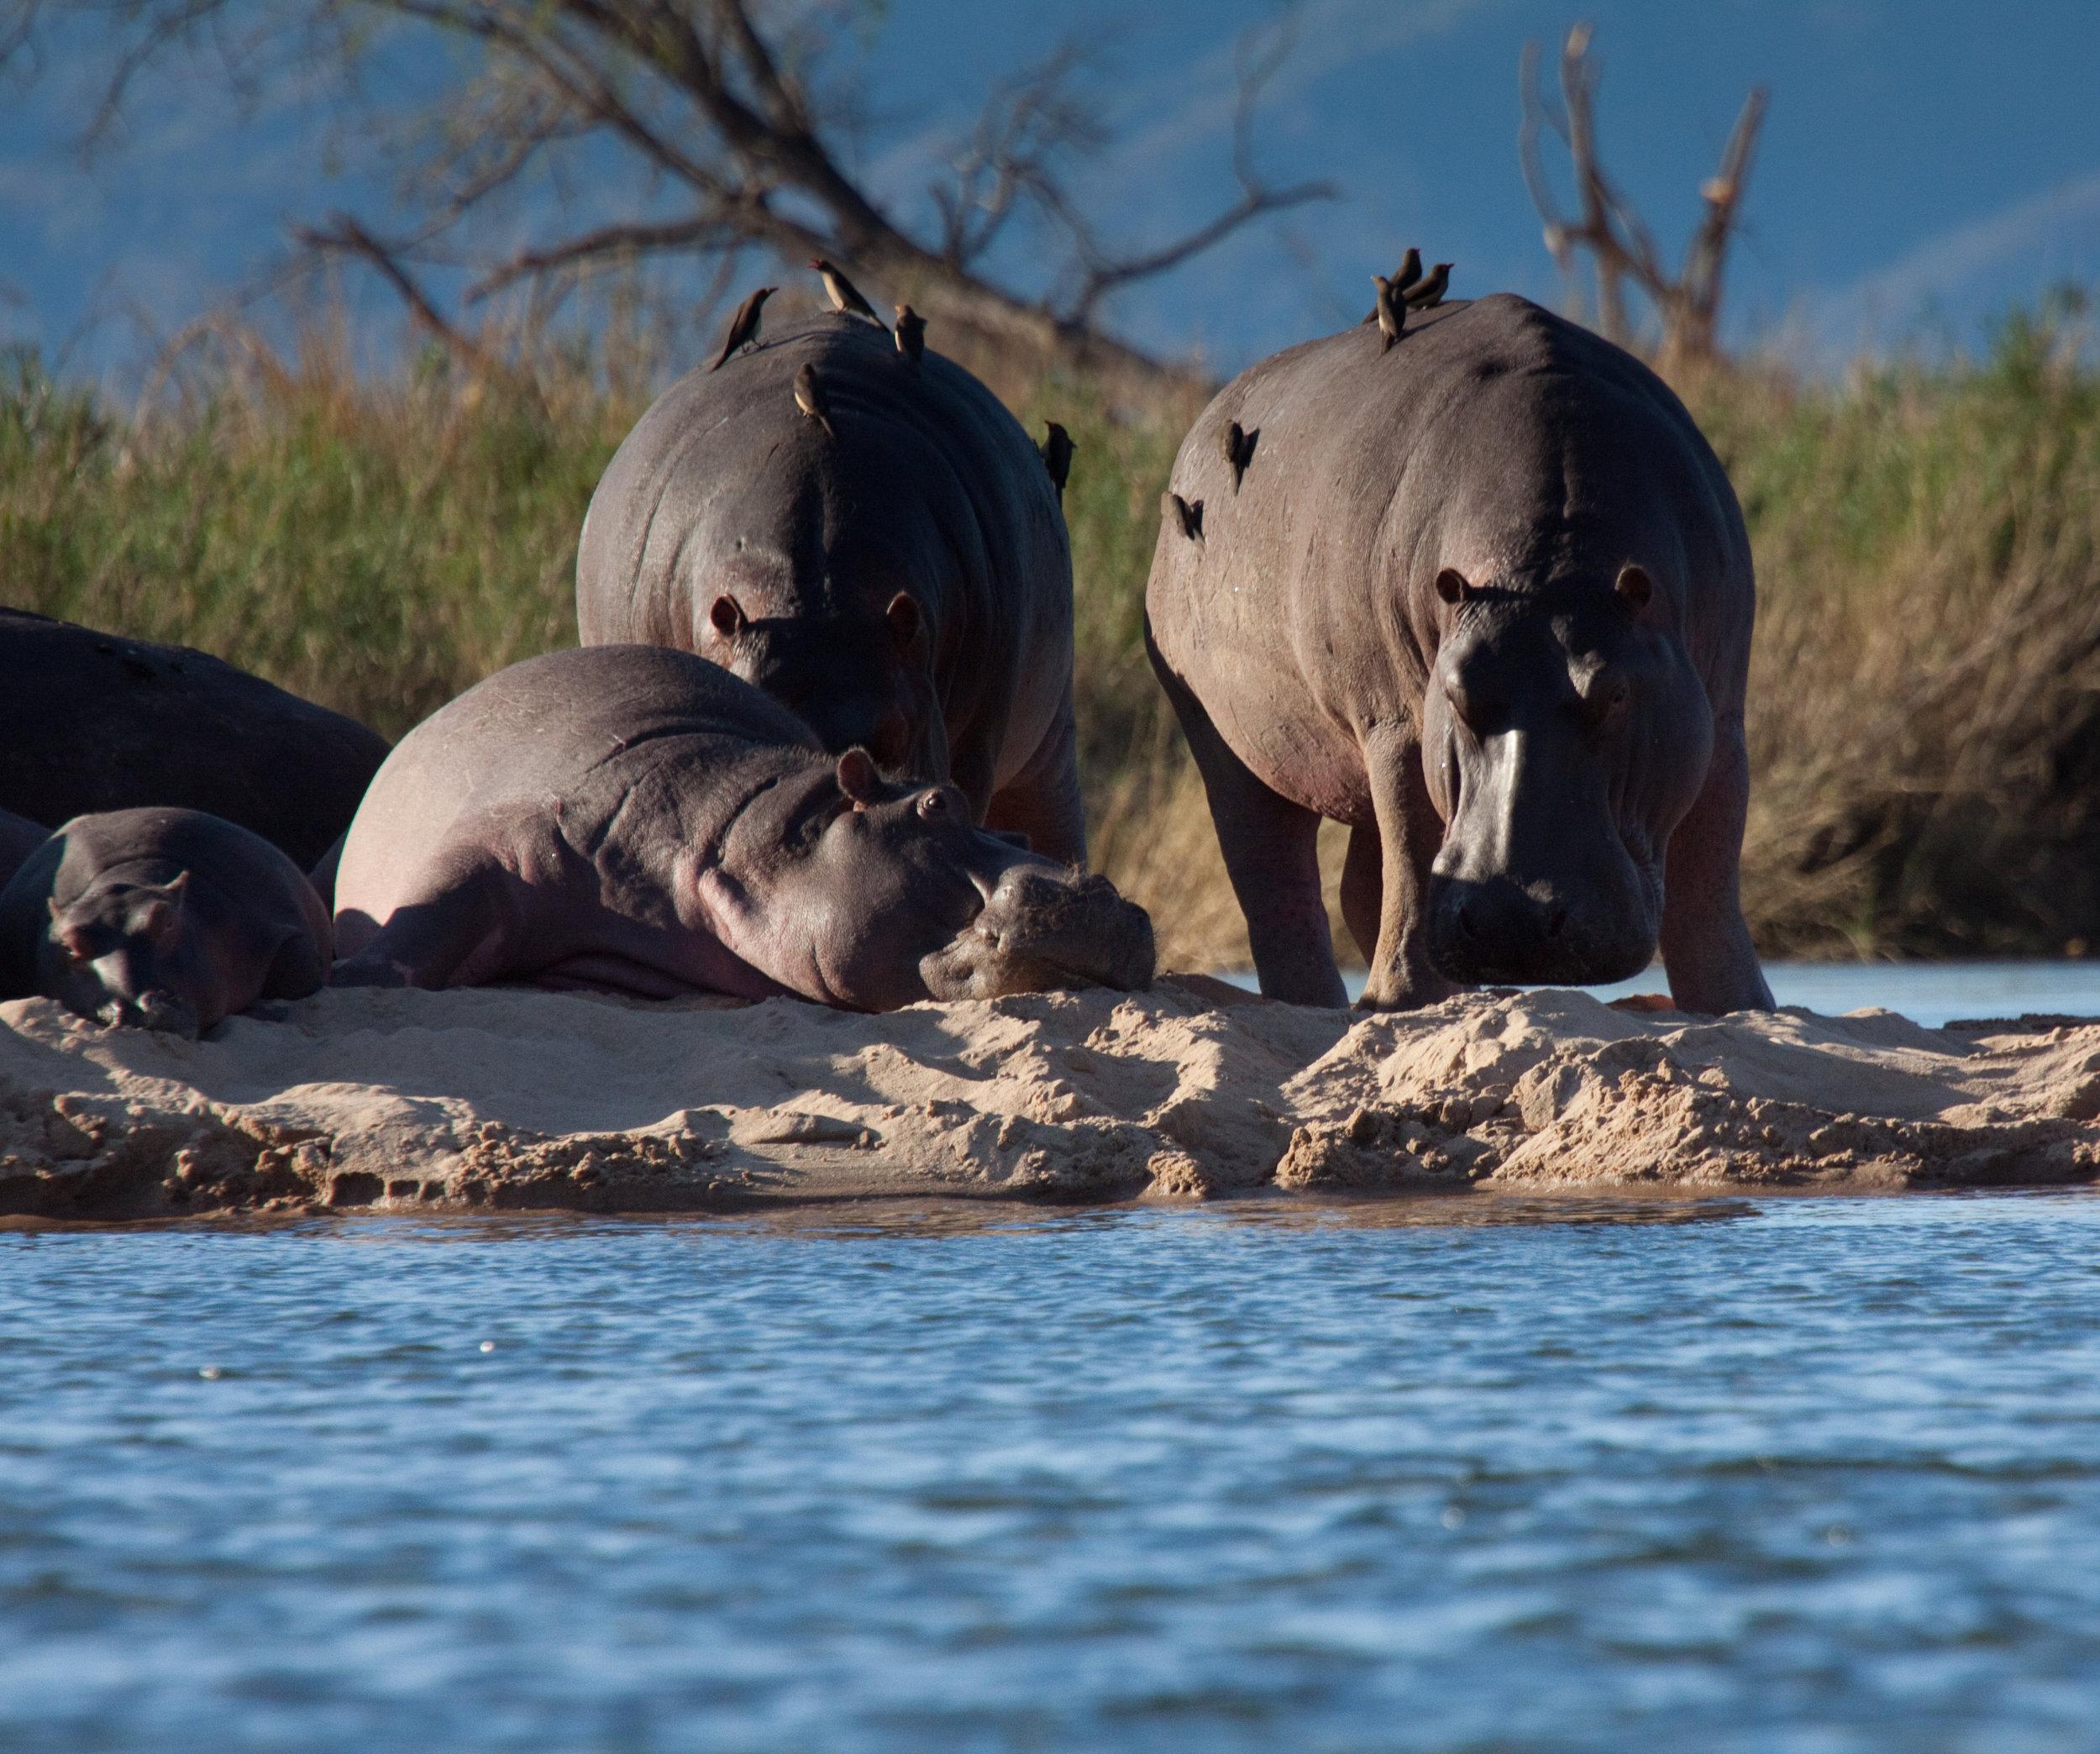 Zambezi River, Zimbabwe, Africa